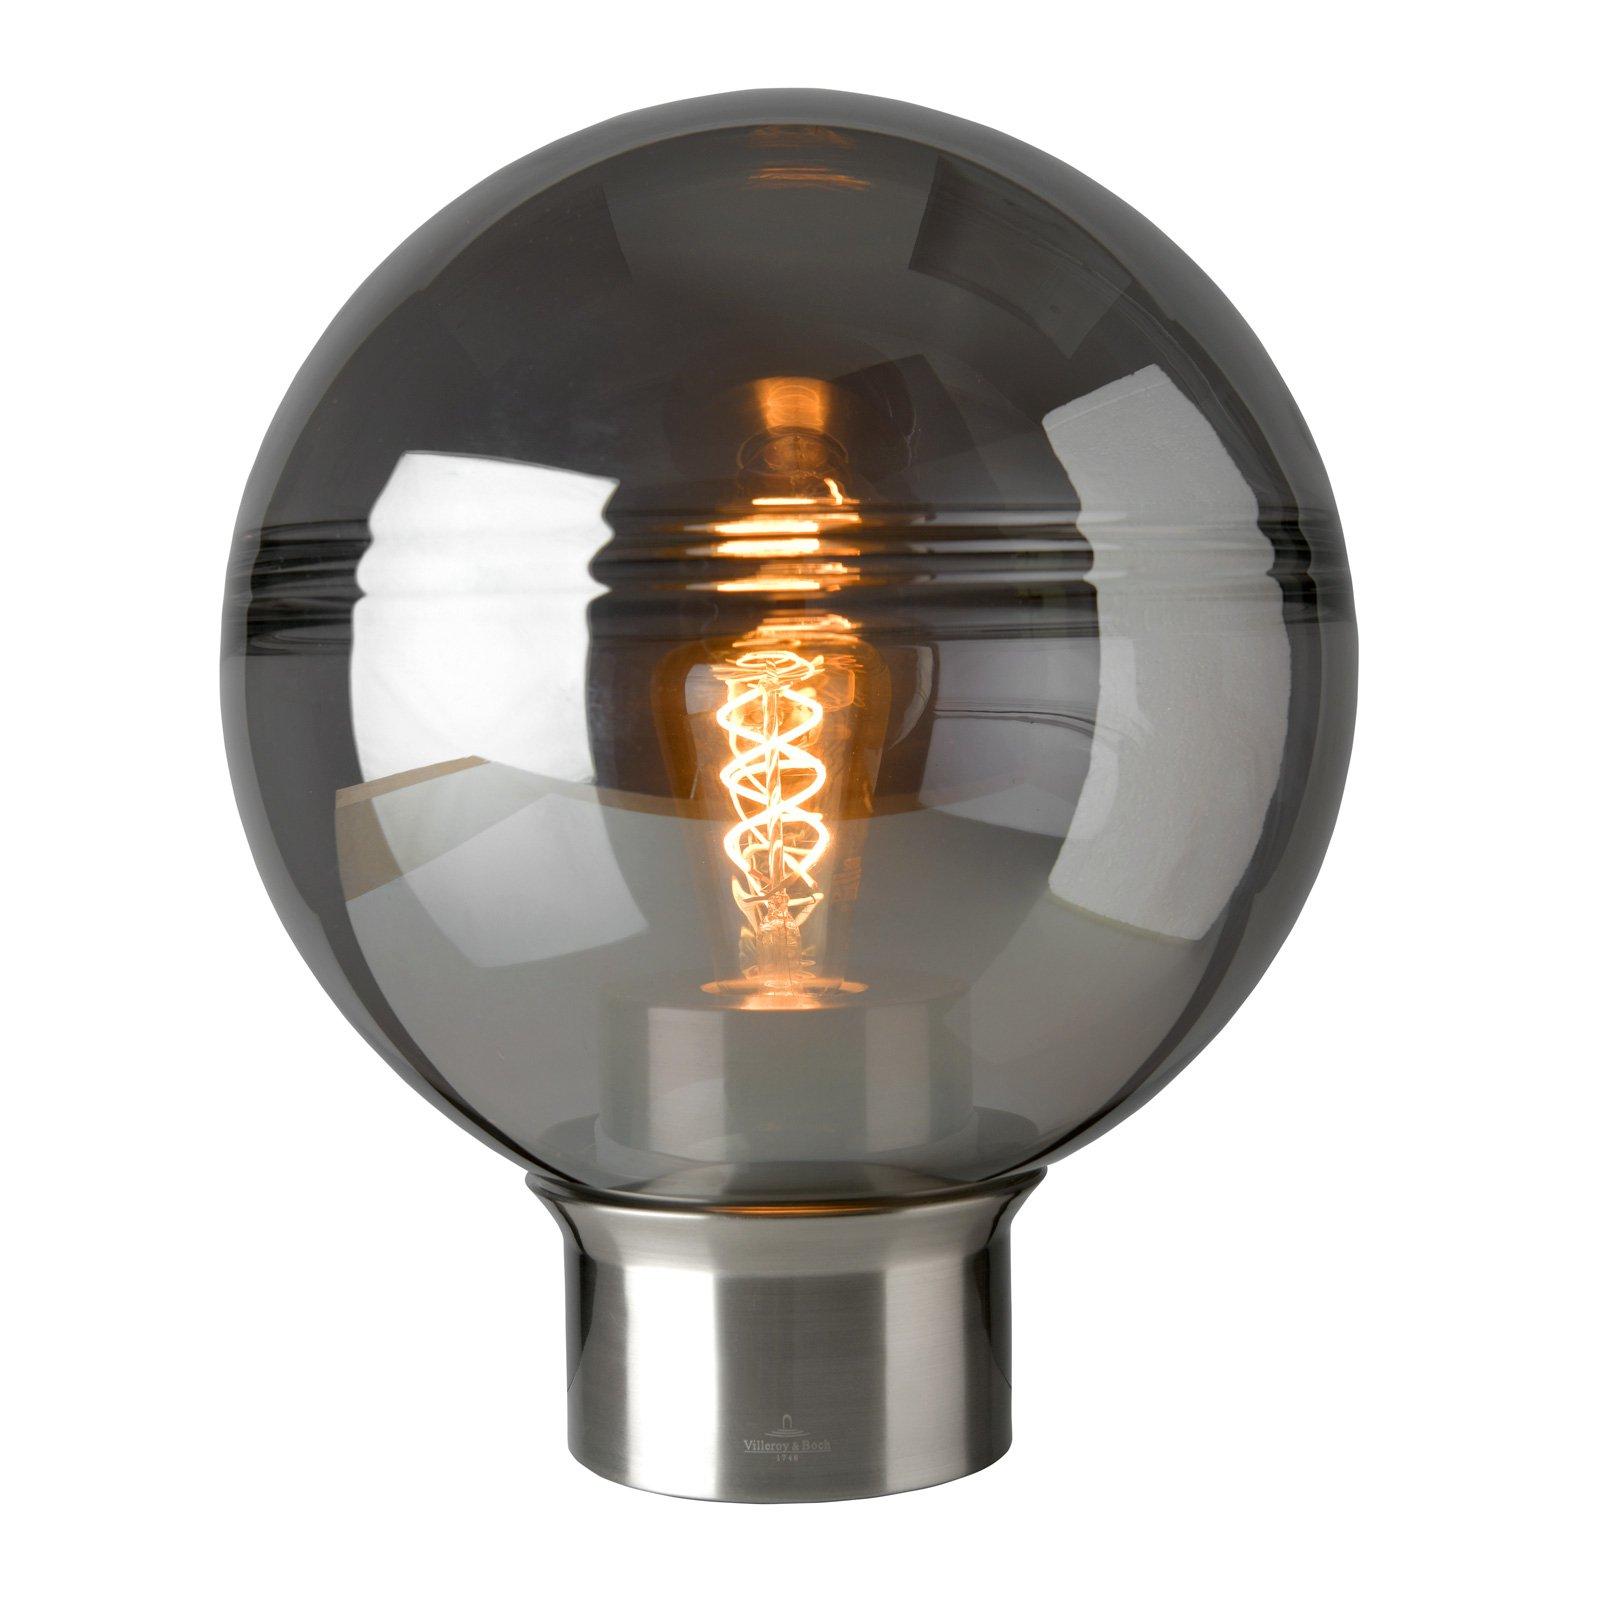 Villeroy & Boch Tokyo-bordlampe, sateng Ø 30 cm